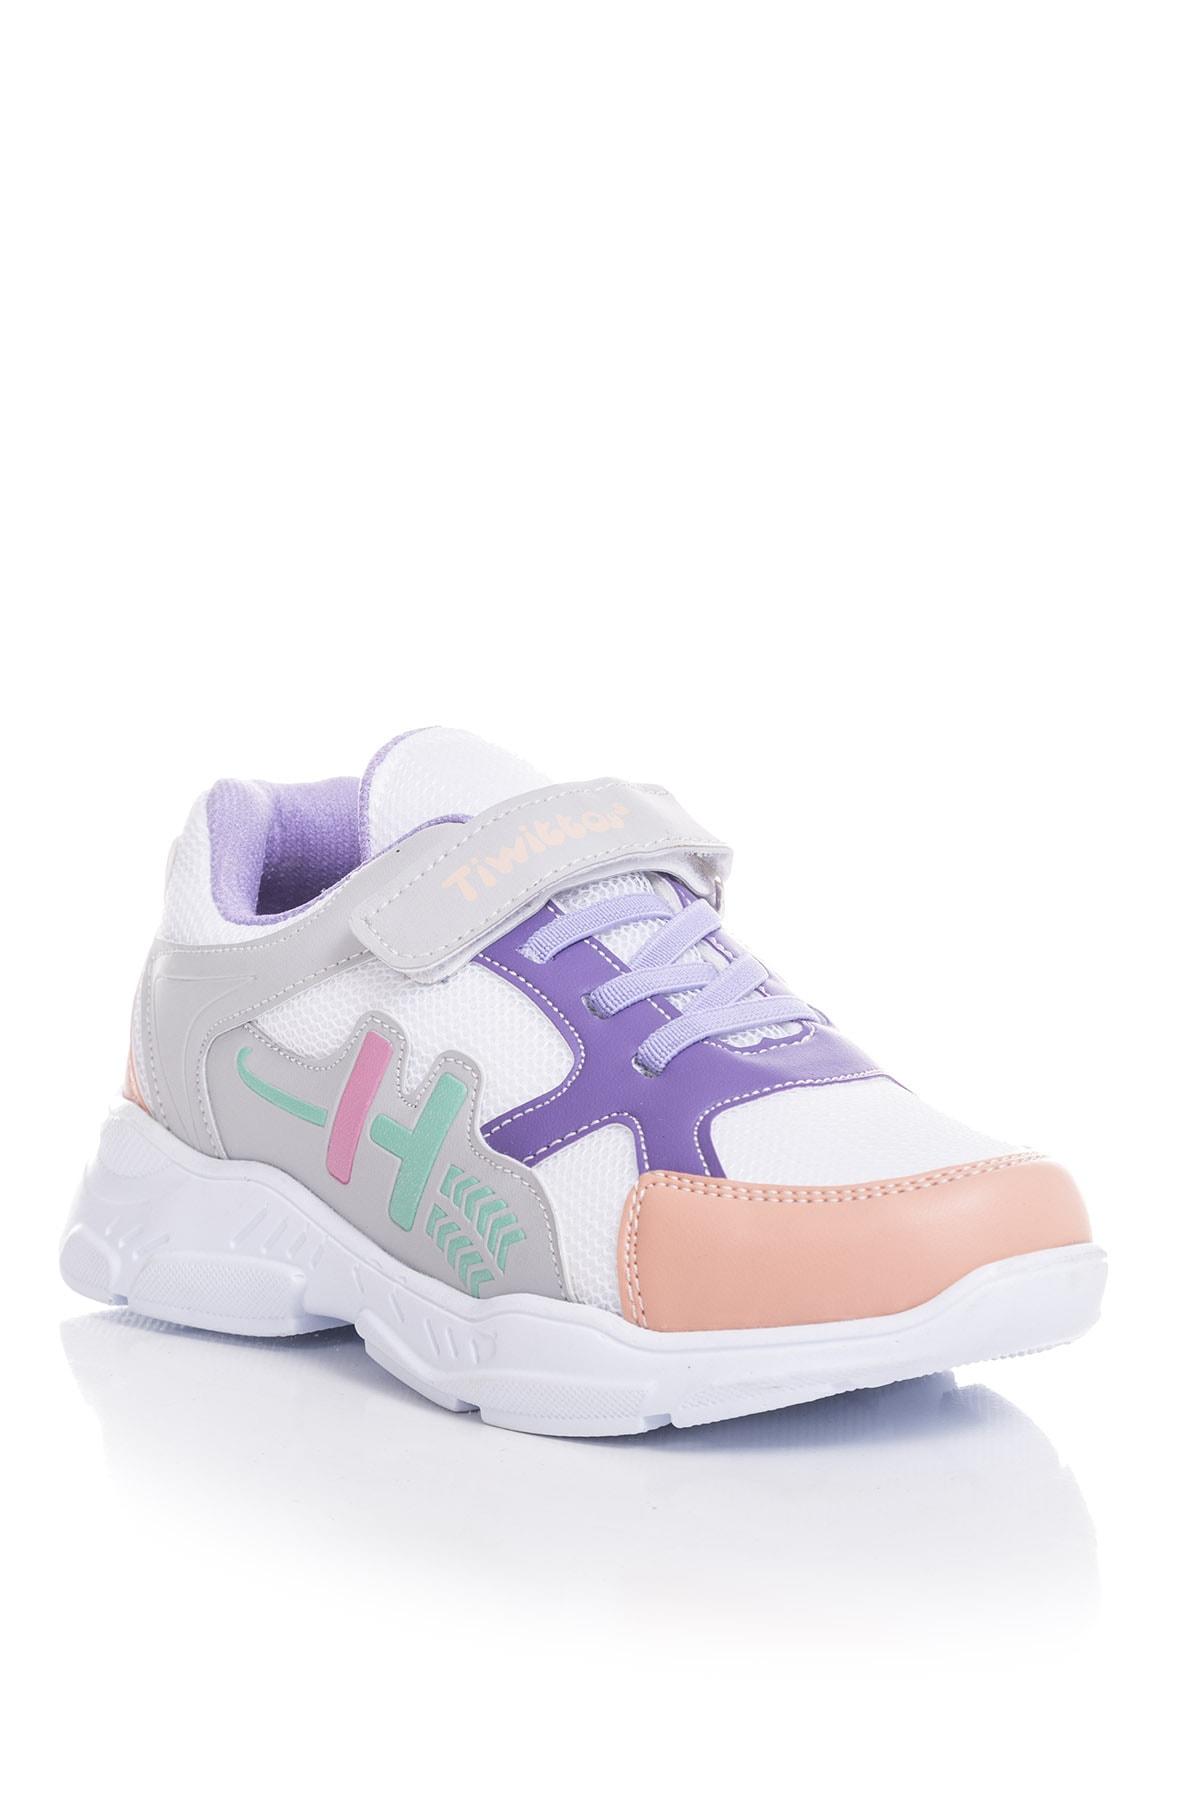 Tonny Black Beyaz Kız Çocuk Sneaker TBZ13-3 1